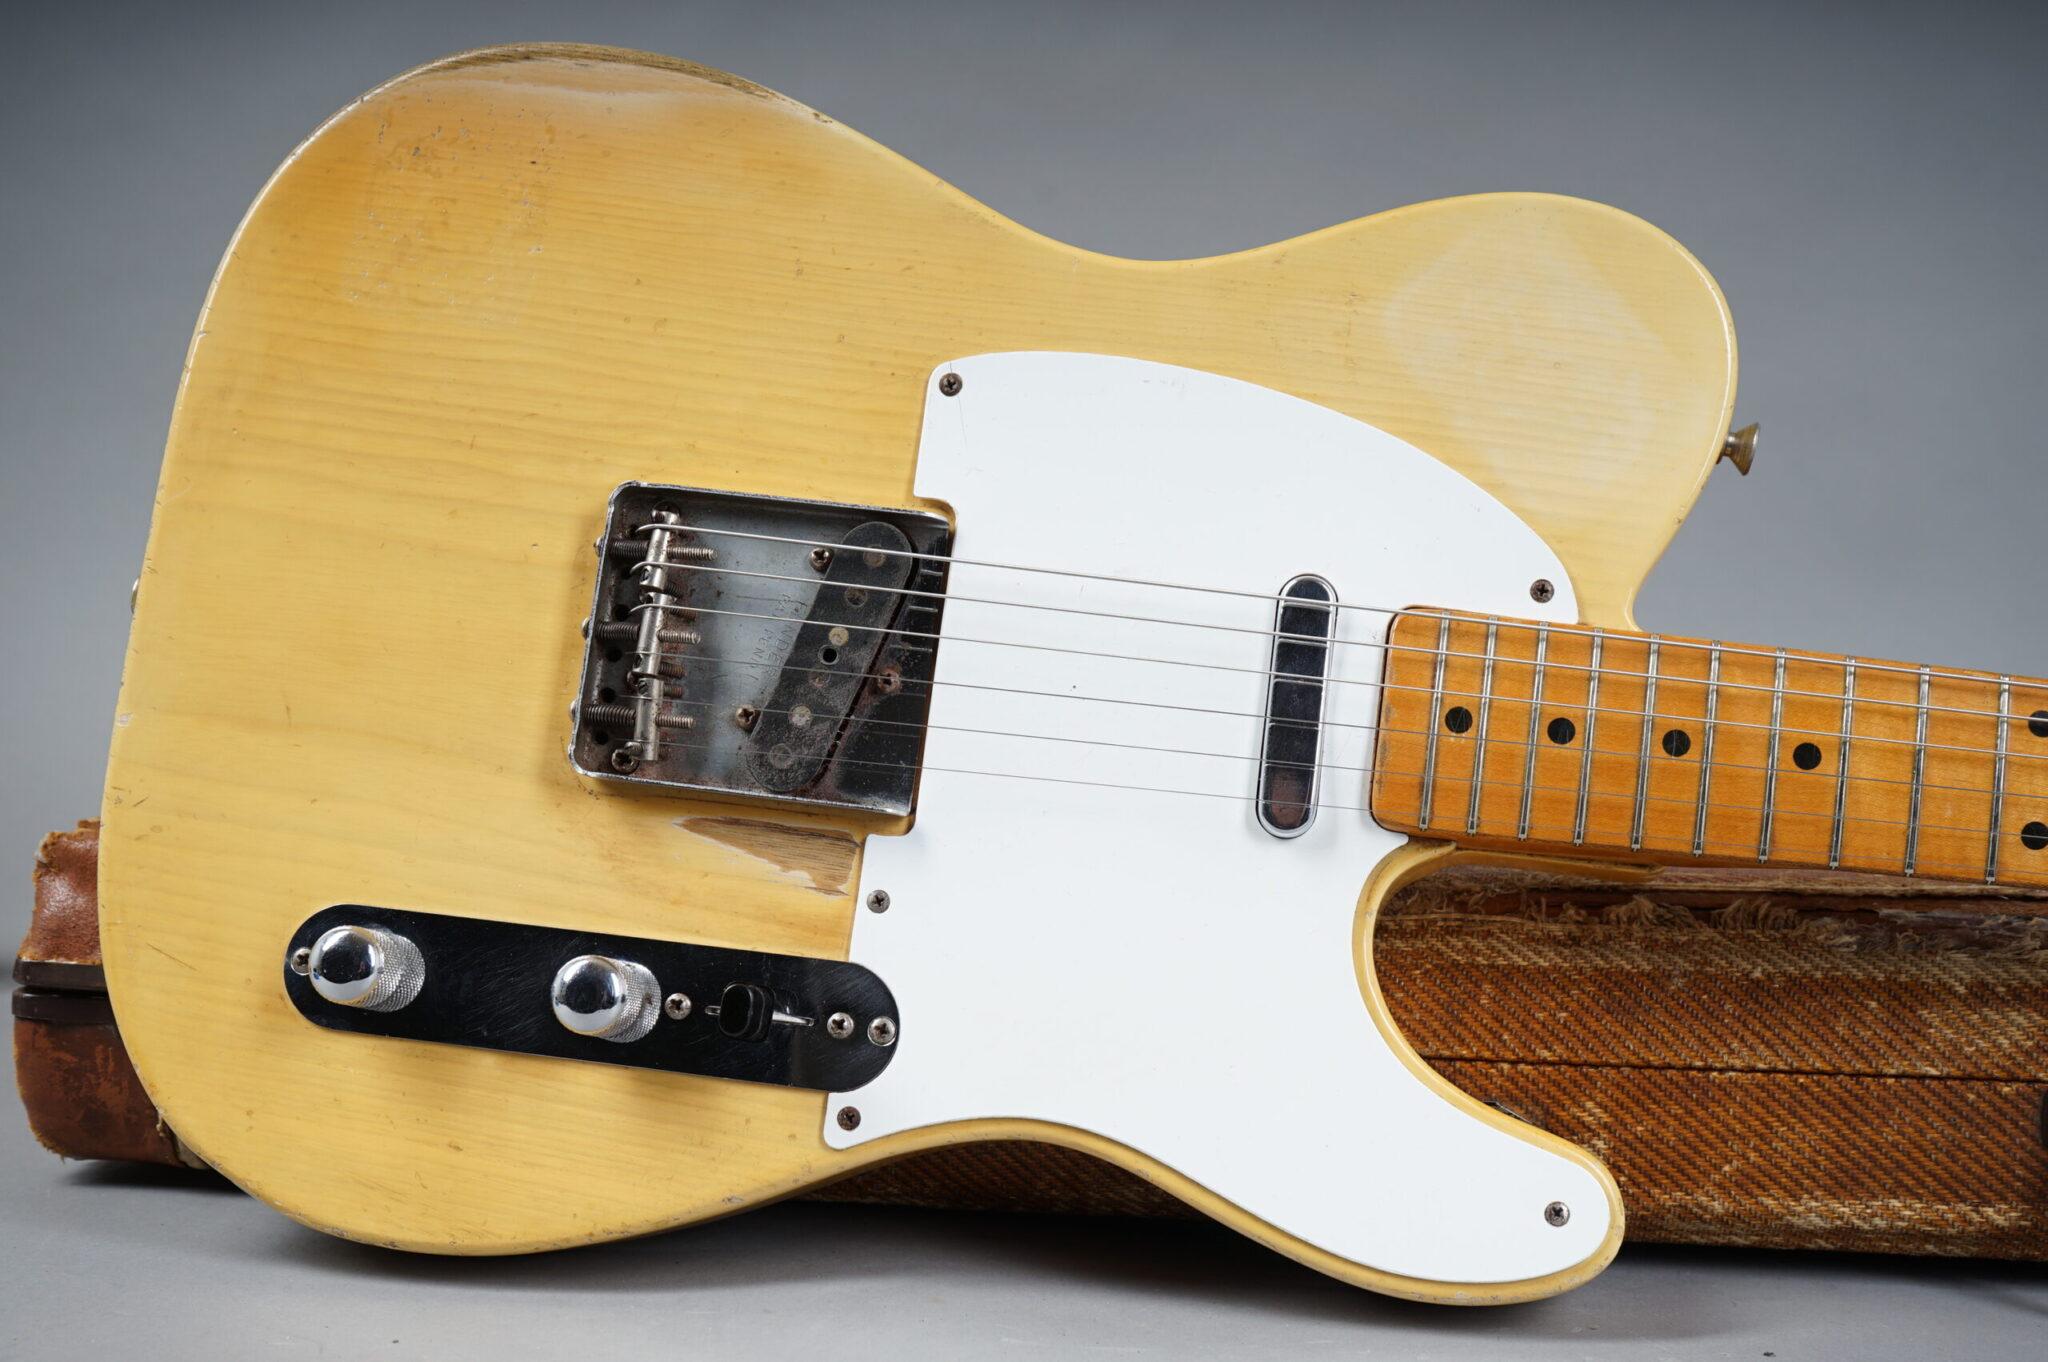 https://guitarpoint.de/app/uploads/products/1954-fender-telecaster-blond-8385/1954-Fender-Telecaster-Blond-8385-1-1-scaled-2048x1362.jpg